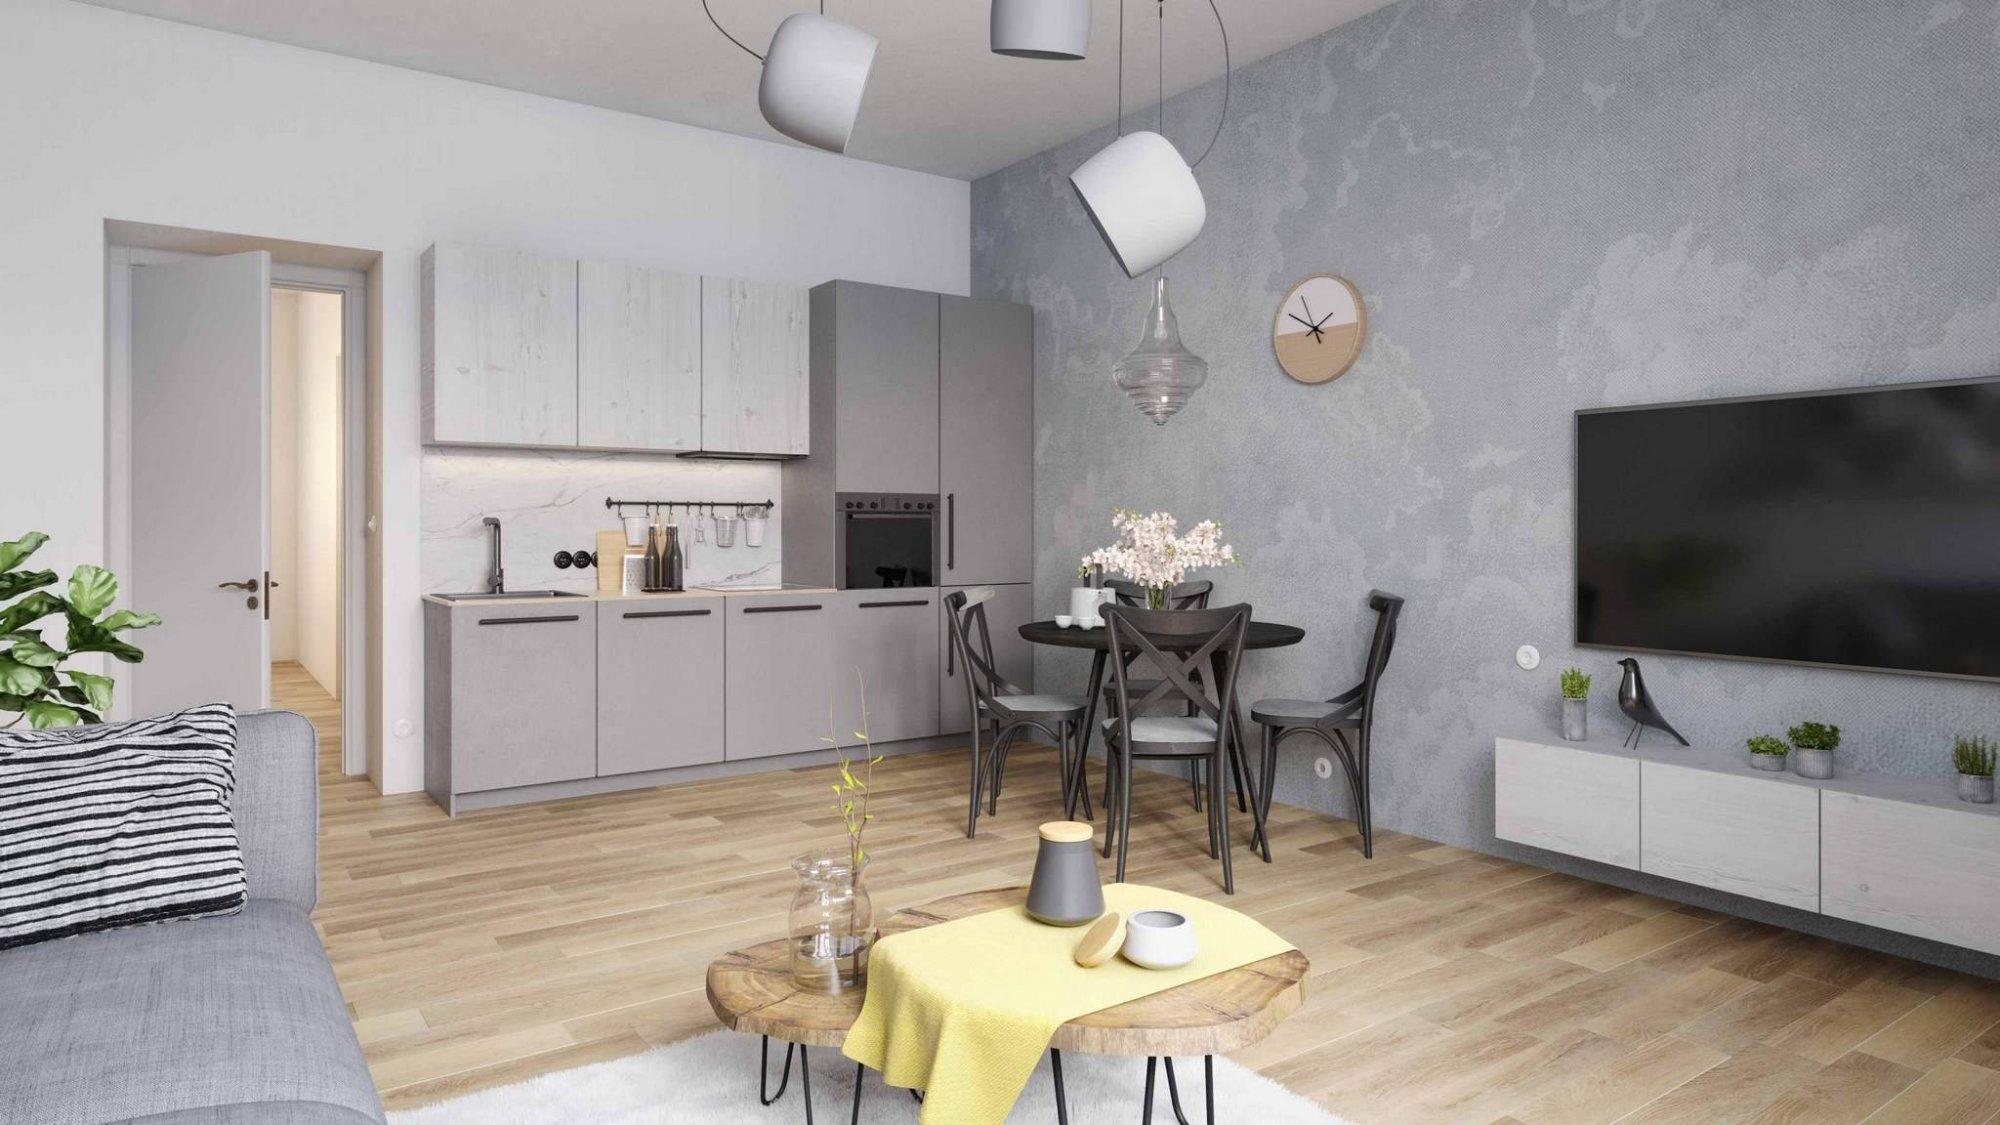 Vizulizace jednoho z bytů Pod Korábem - Půdní byt 1+kk, plocha 30 m², ulice Lindnerova, Praha 8 - Libeň | 1